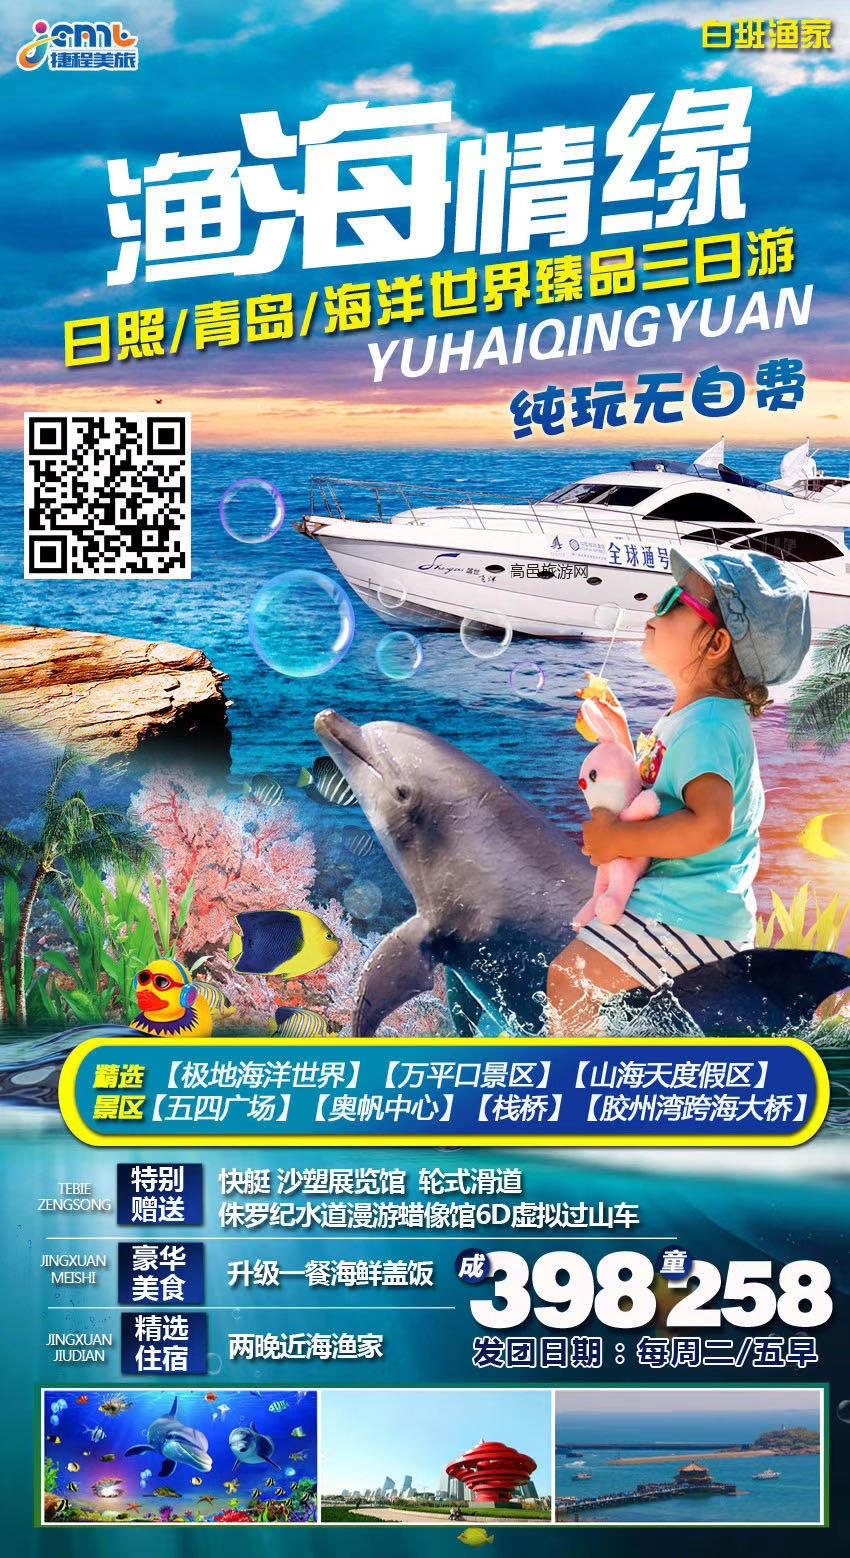 【超值特惠】渔海情缘---日照、青岛、海